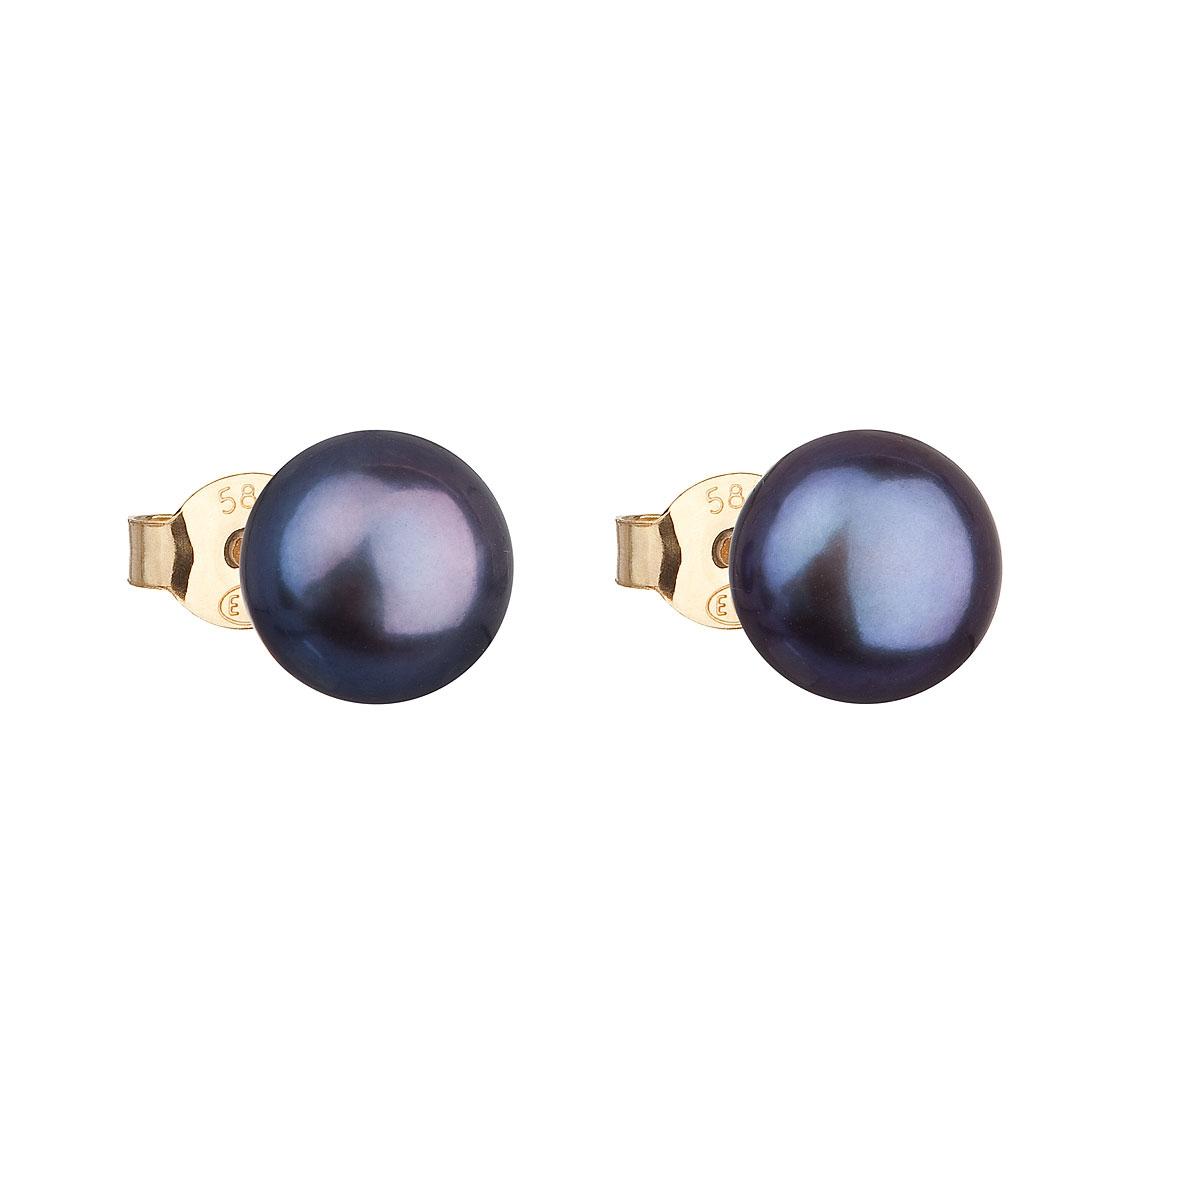 Zlaté 14ti karátové náušnice s modrou říční perlou EGZ003-DB